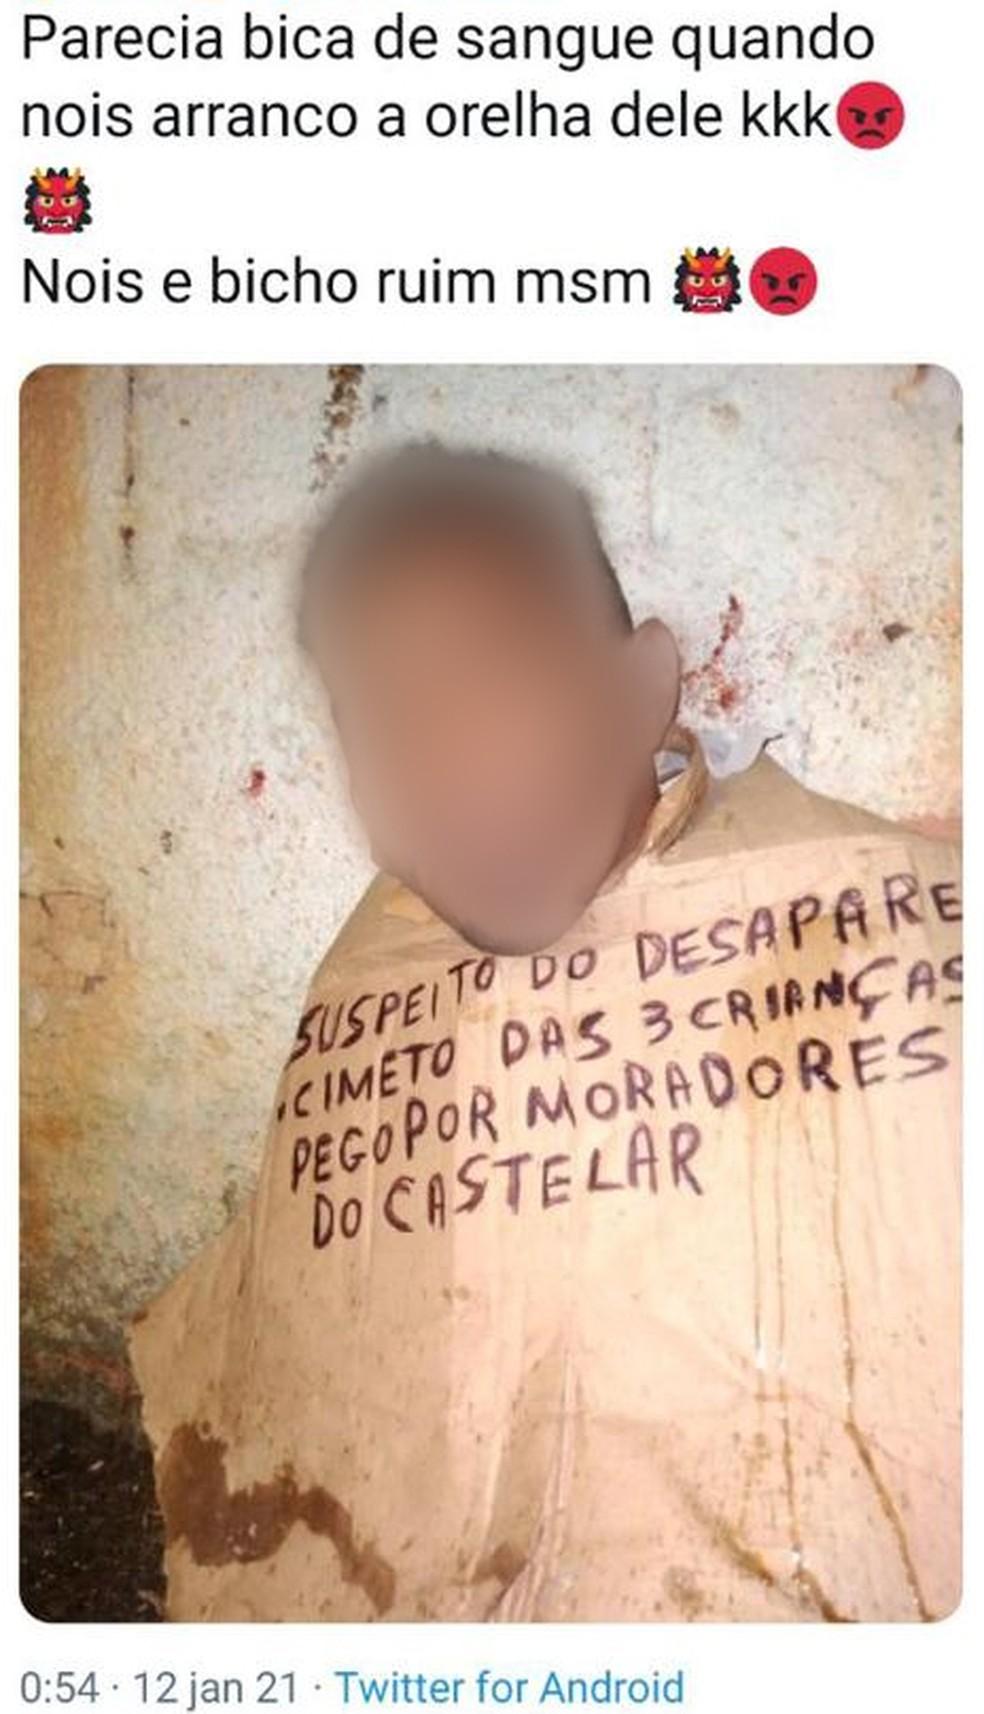 Tuíte do tráfico do Castelar cita tortura a homem falsamente acusado do sumiço dos meninos de Belford Roxo — Foto: Reprodução